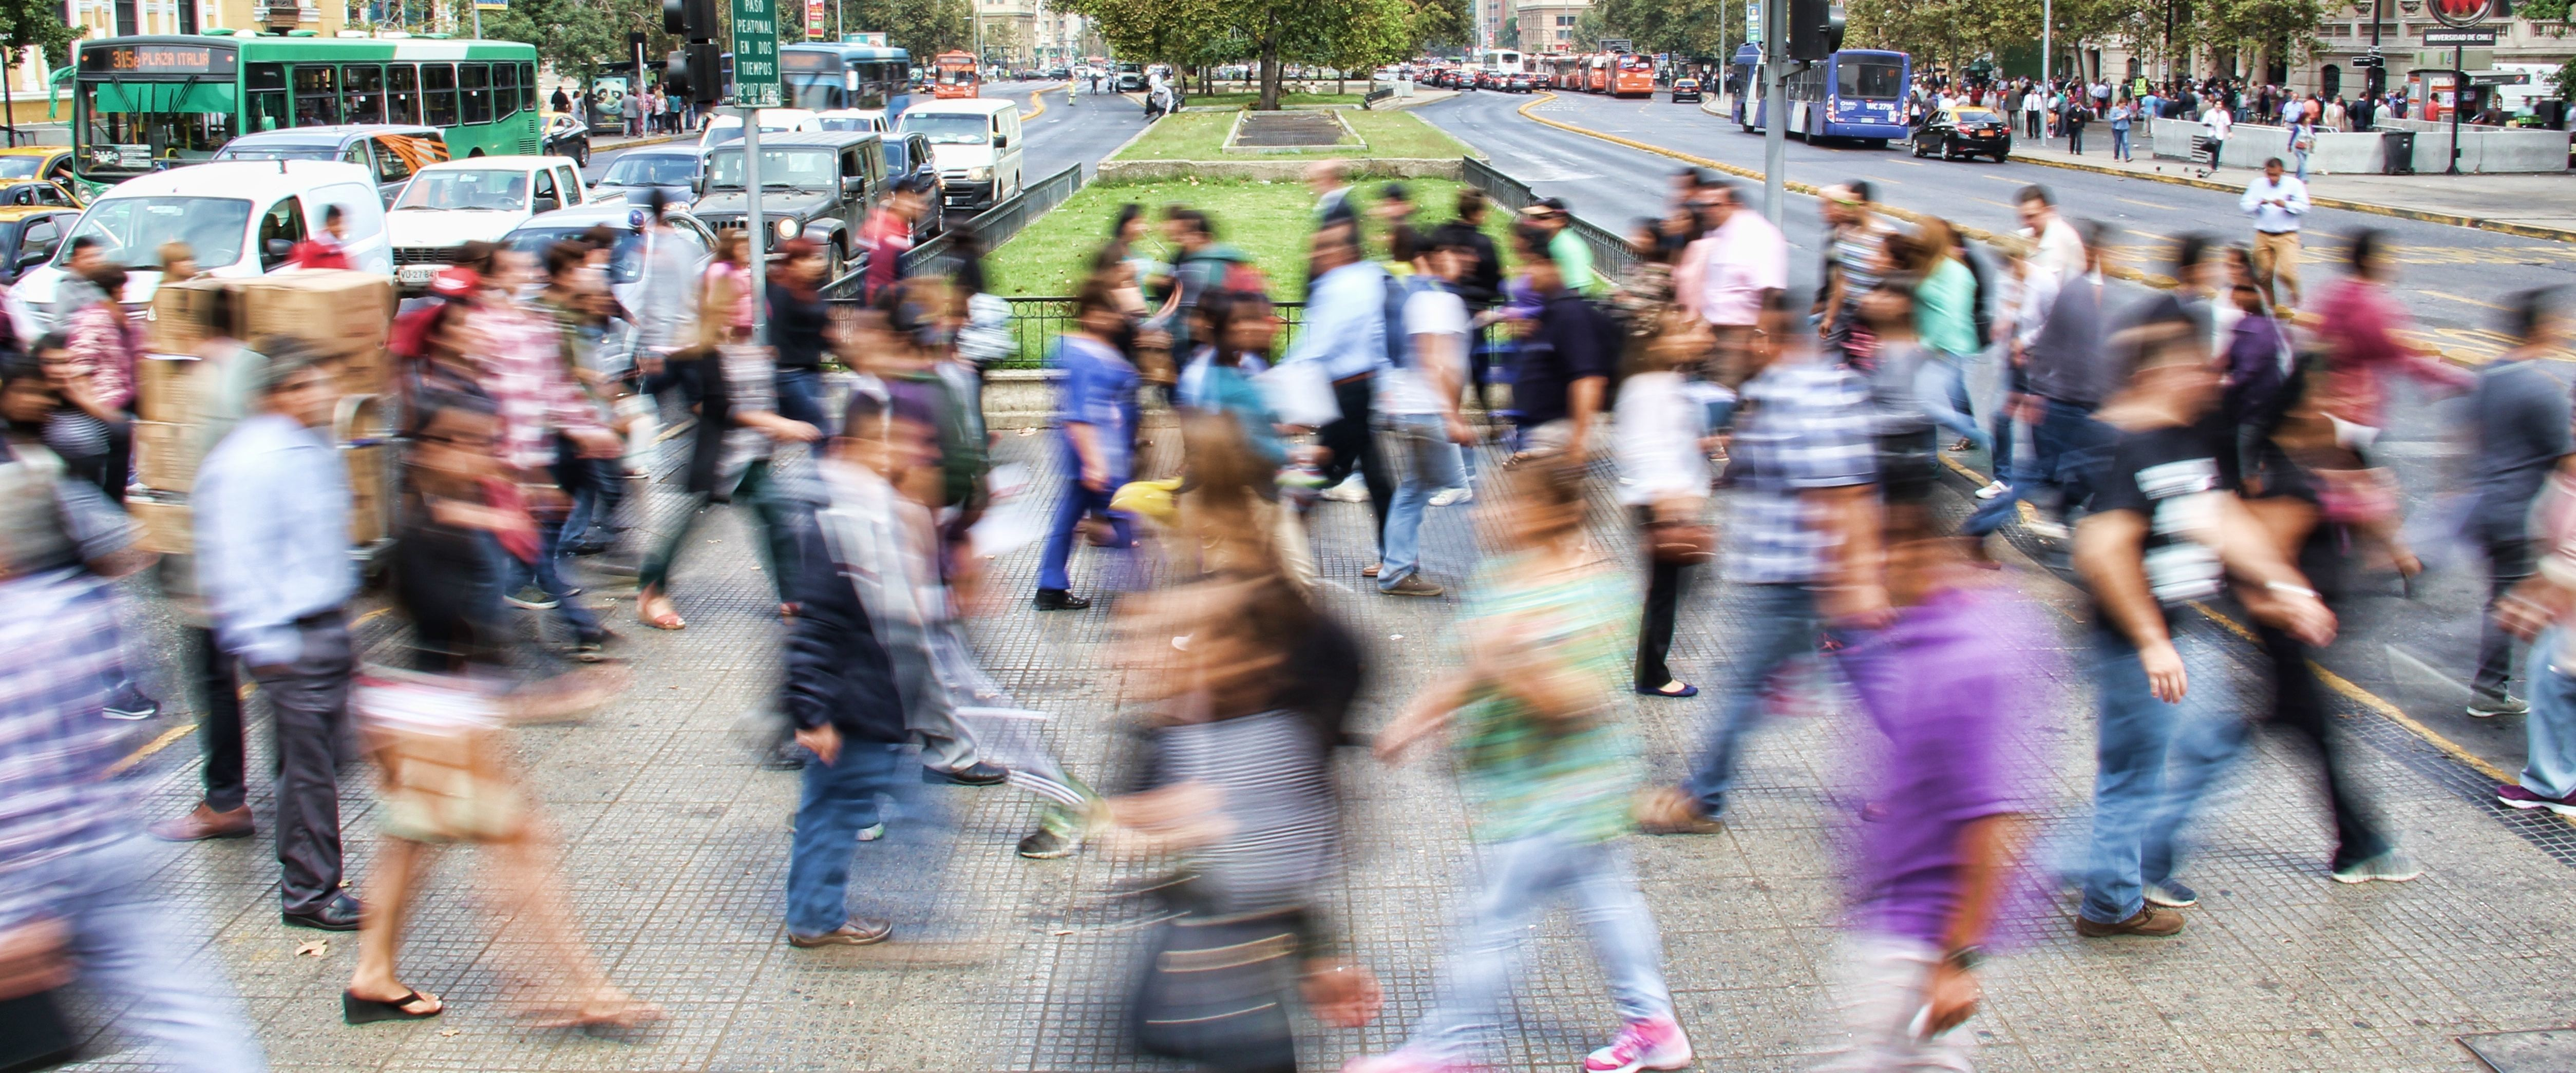 Las ciudades se beneficiarán de la tecnología para aumentar la calidad de vida de sus habitantes.